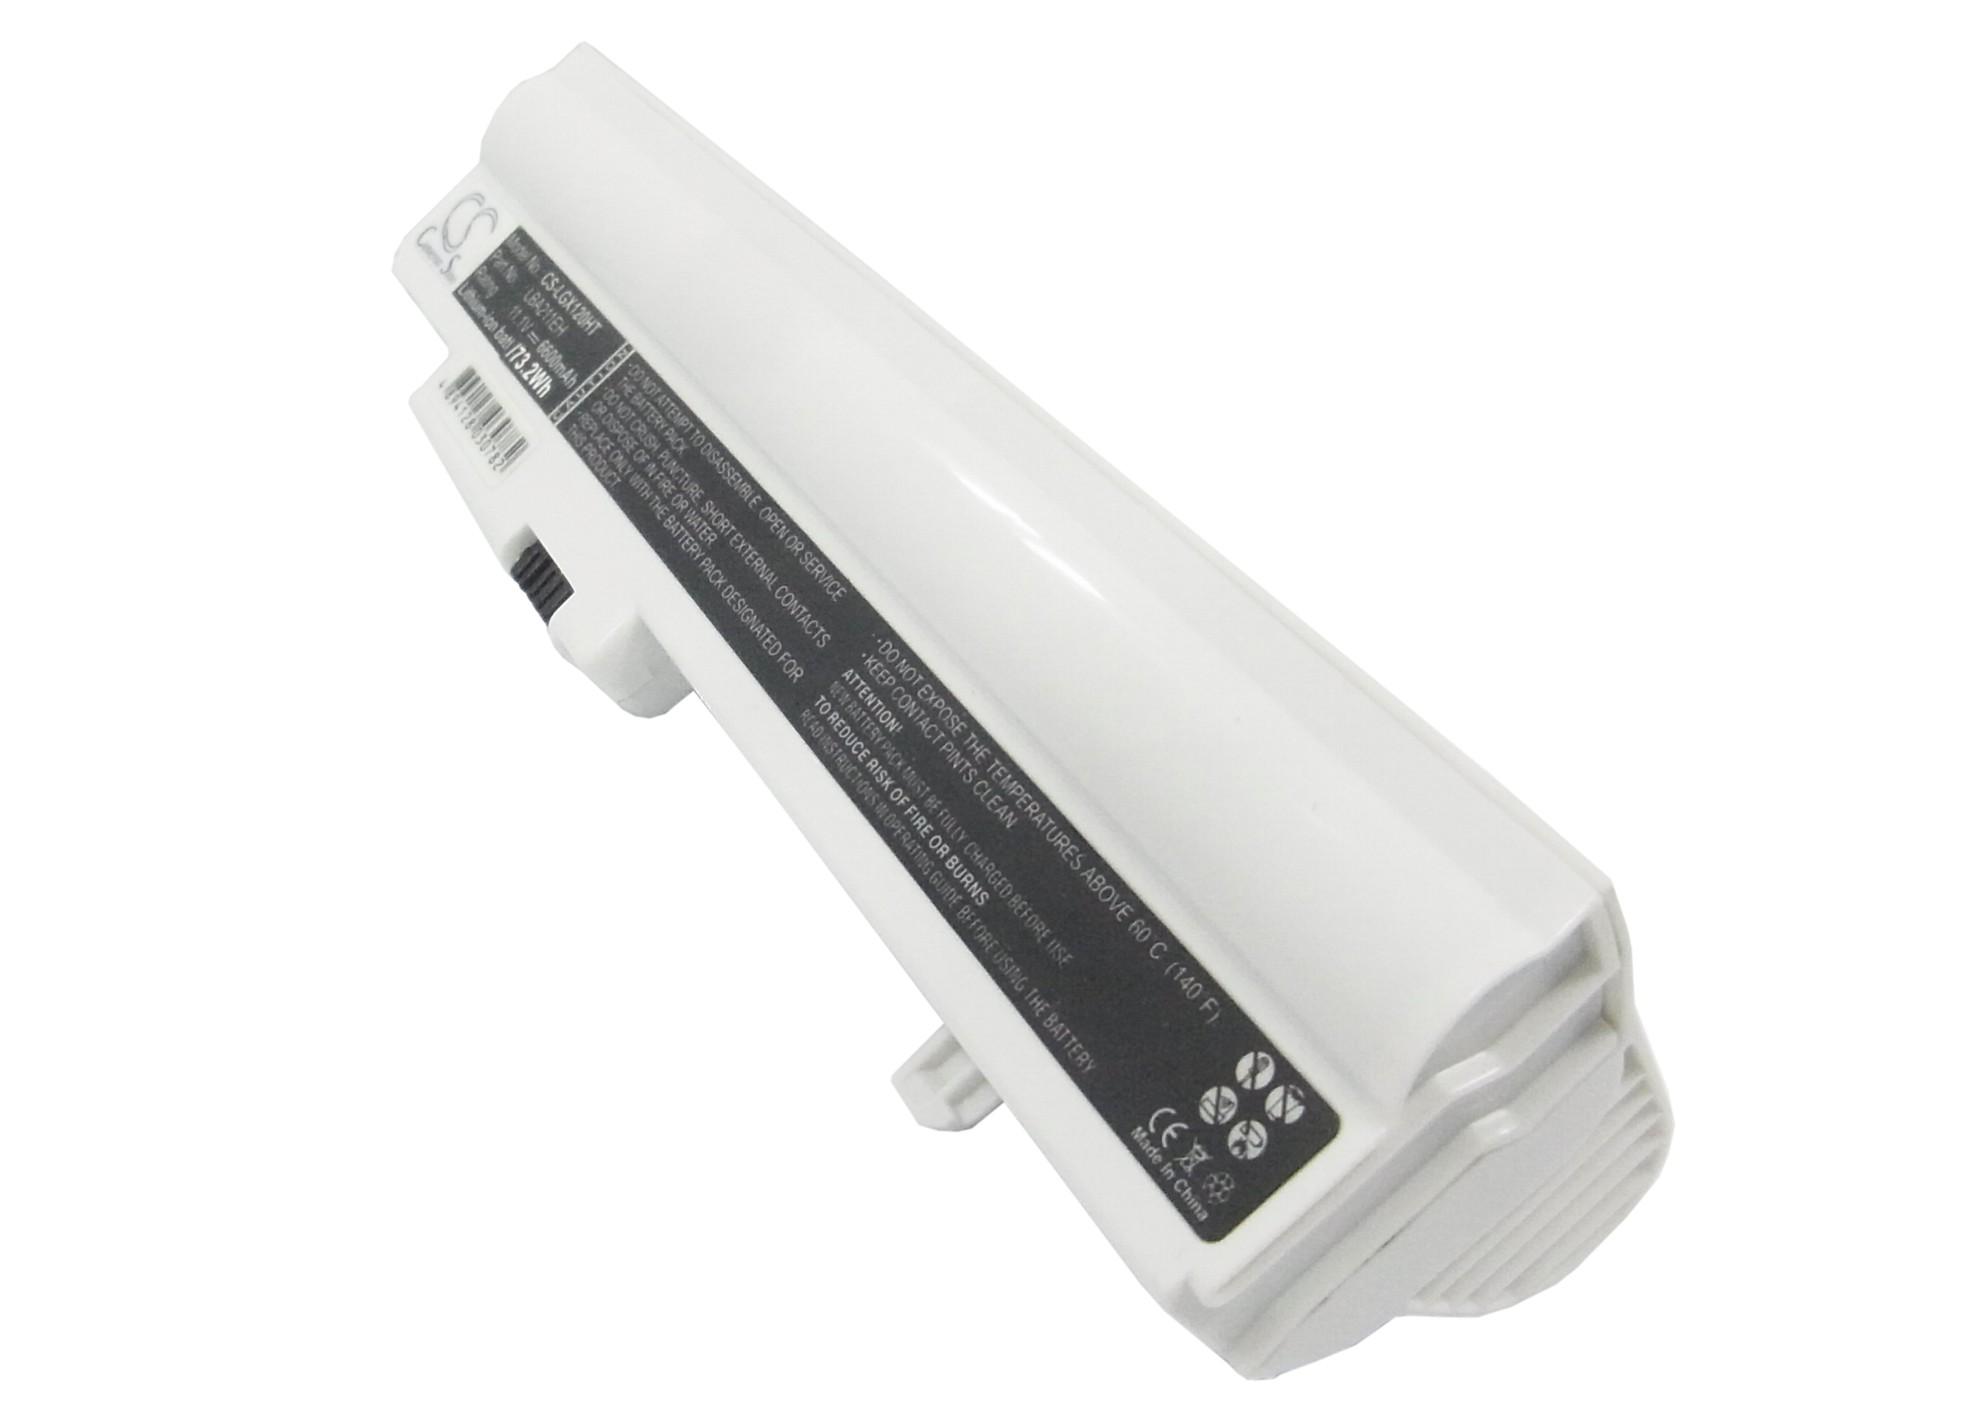 Cameron Sino baterie do netbooků pro LG X120-G 11.1V Li-ion 6600mAh bílá - neoriginální